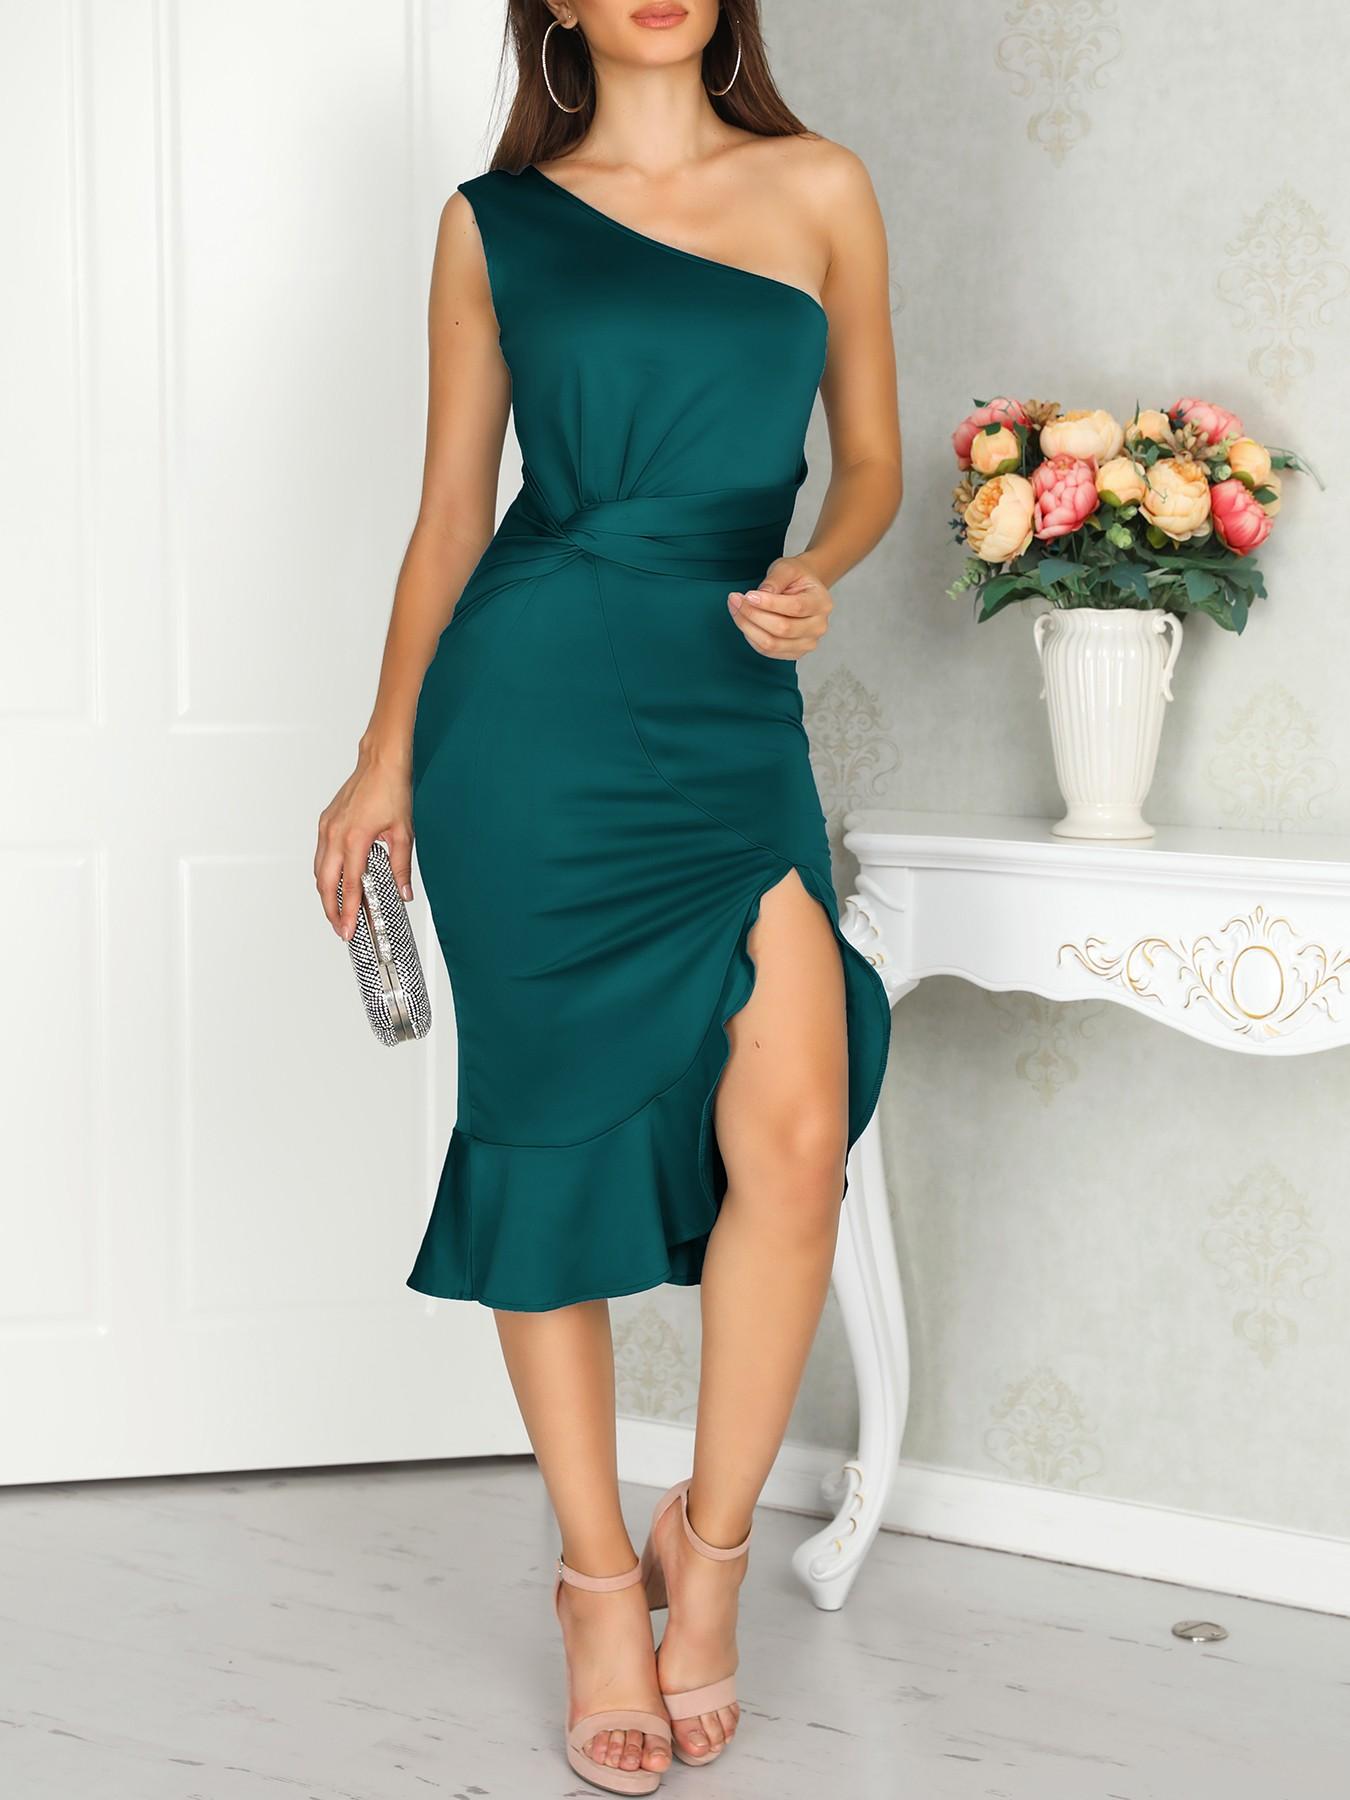 boutiquefeel / One Shoulder Scrunch Irregular Ruffles Hem Dress